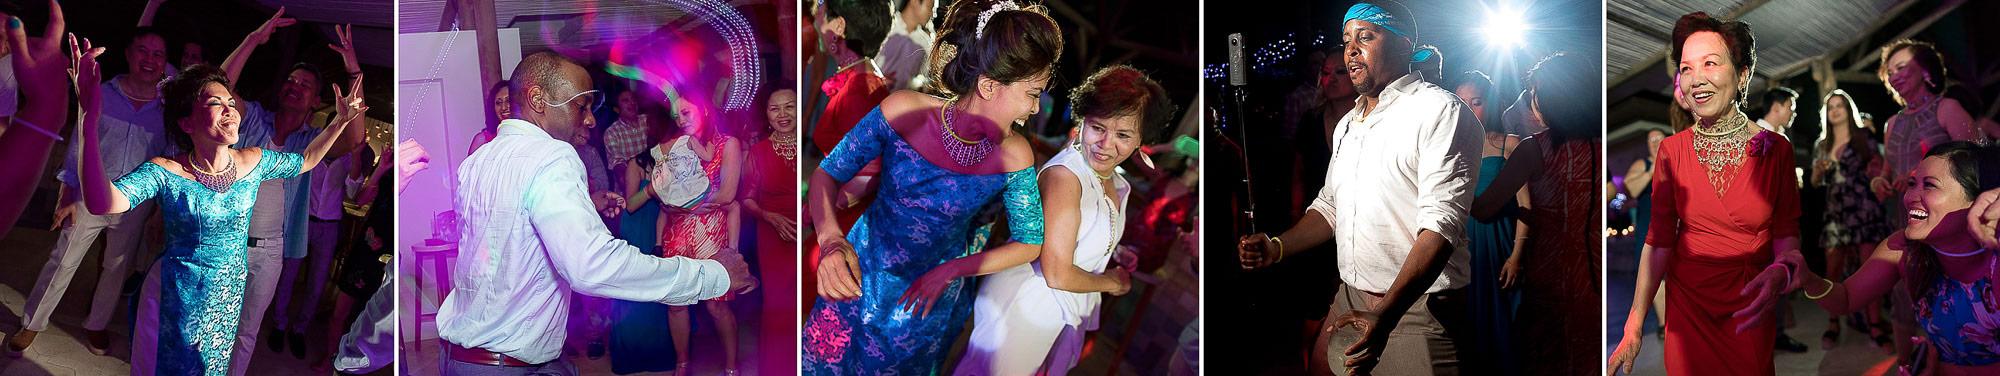 Great fun at the reception at Arenas del Mar